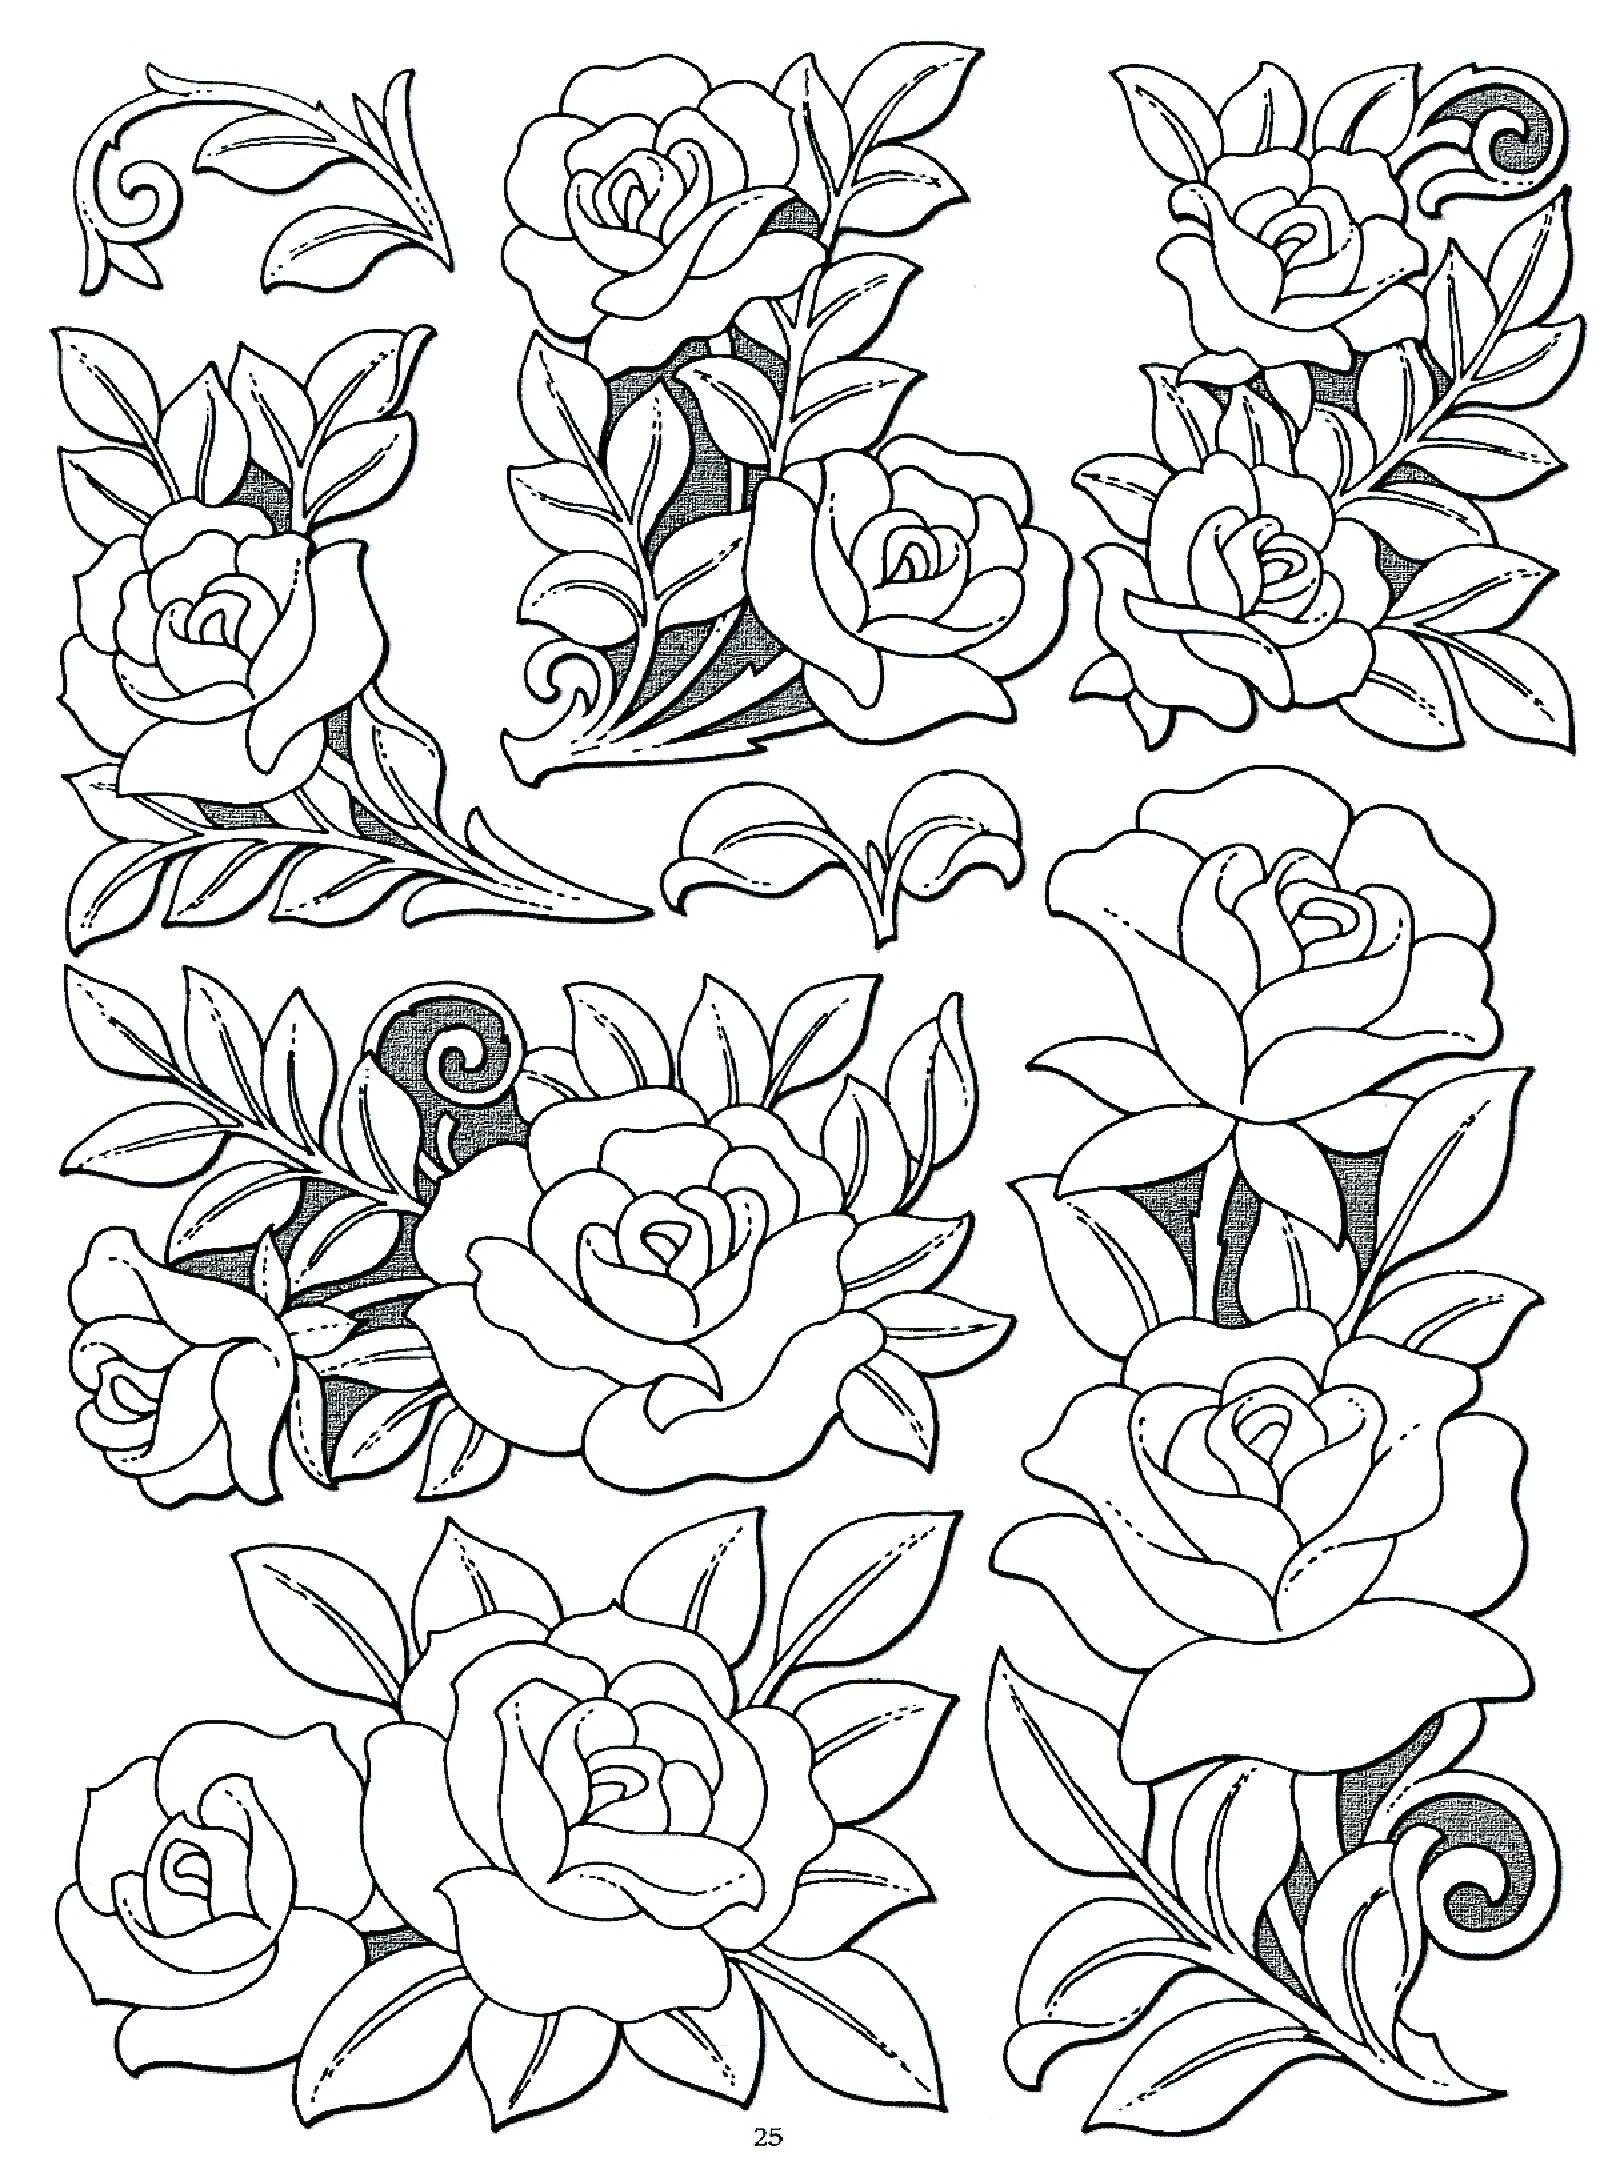 pattern | Diseños blanco y negro | Pinterest | Bordado, Repujado y ...